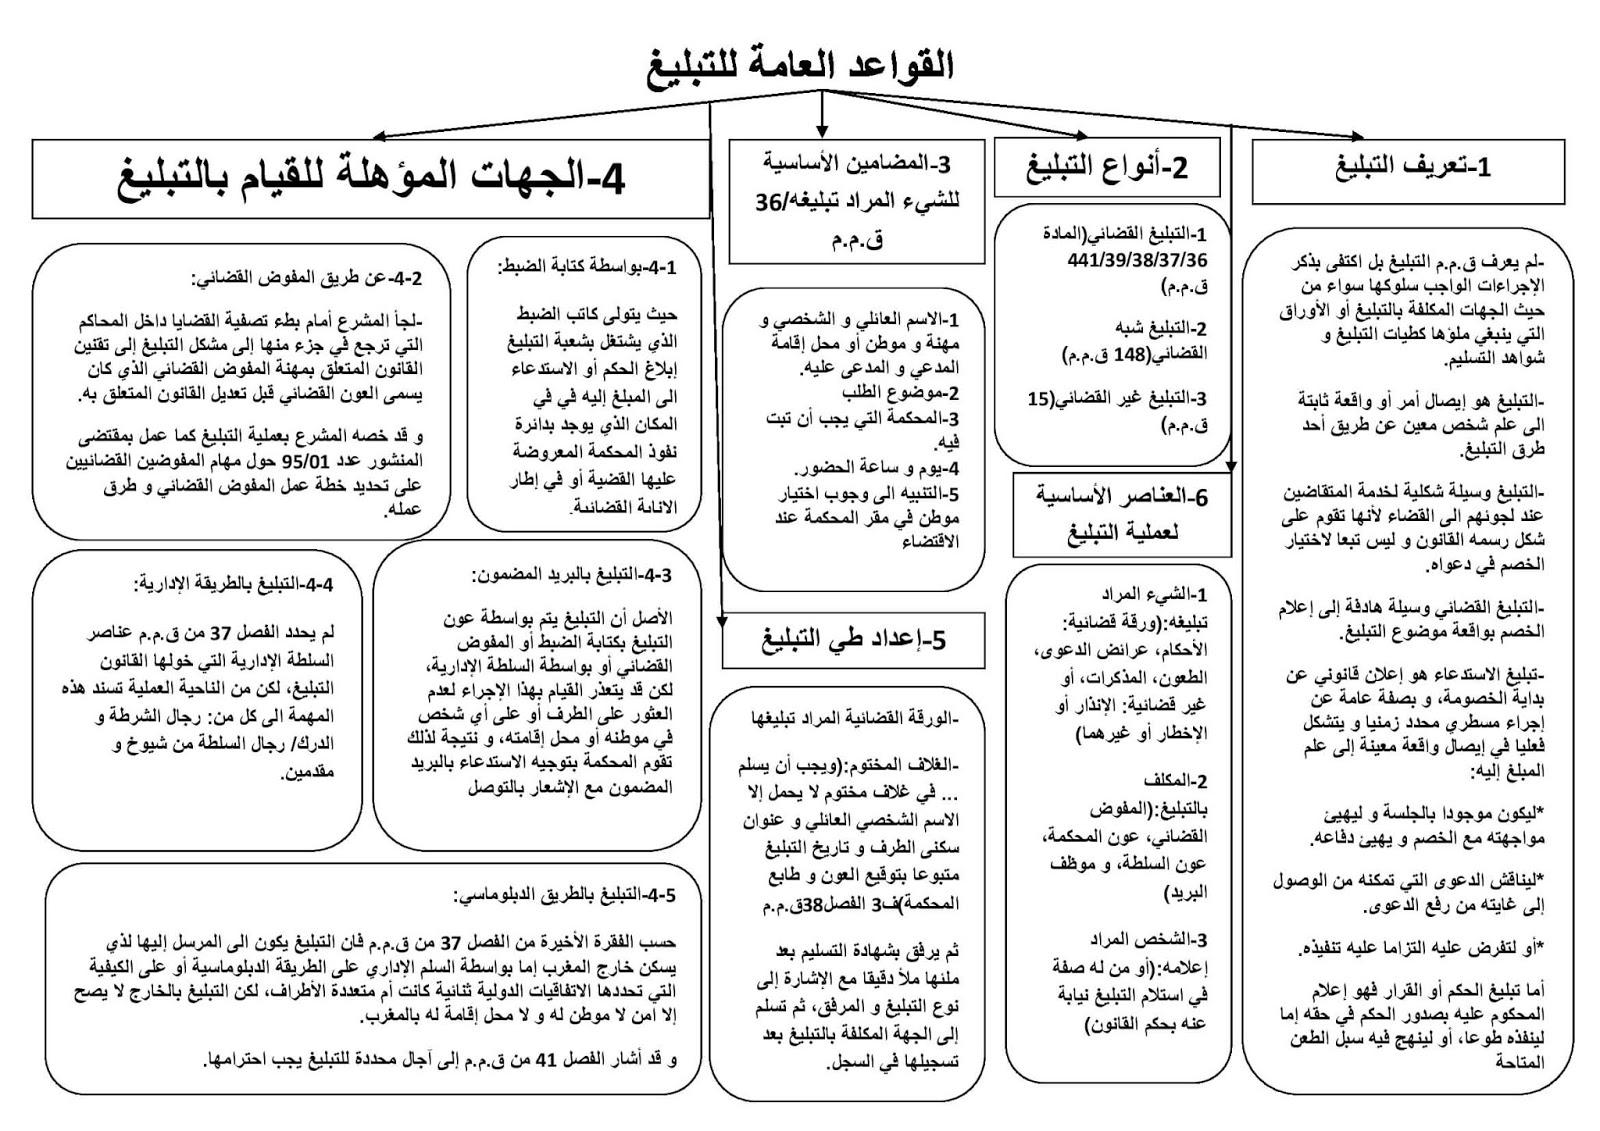 القواعد العامة للتبليغ في القانون المغربي